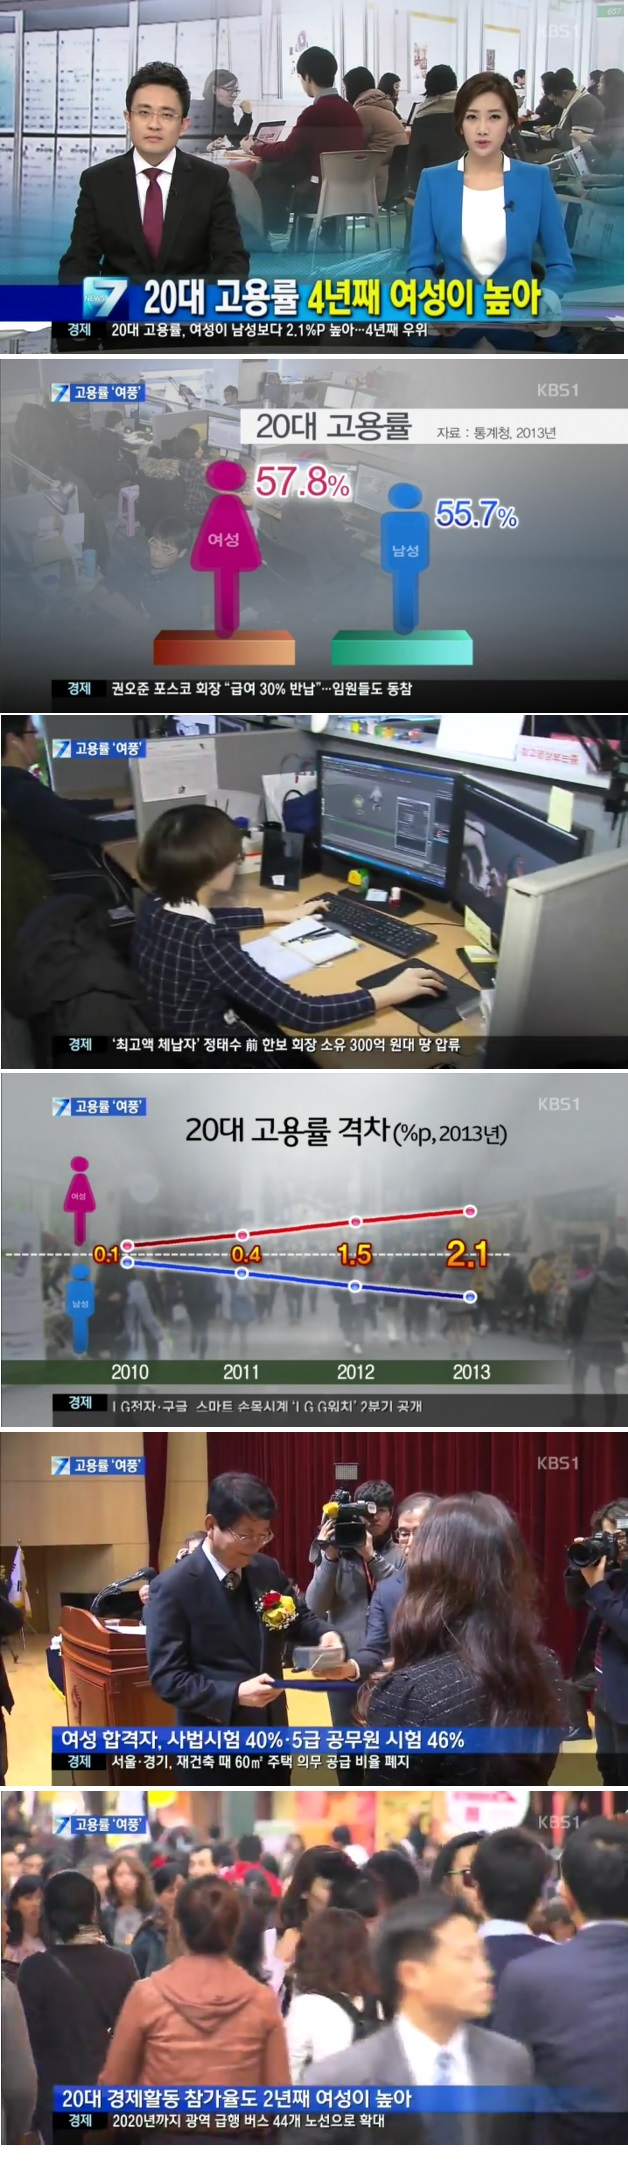 20대 남녀 고용률.jpg